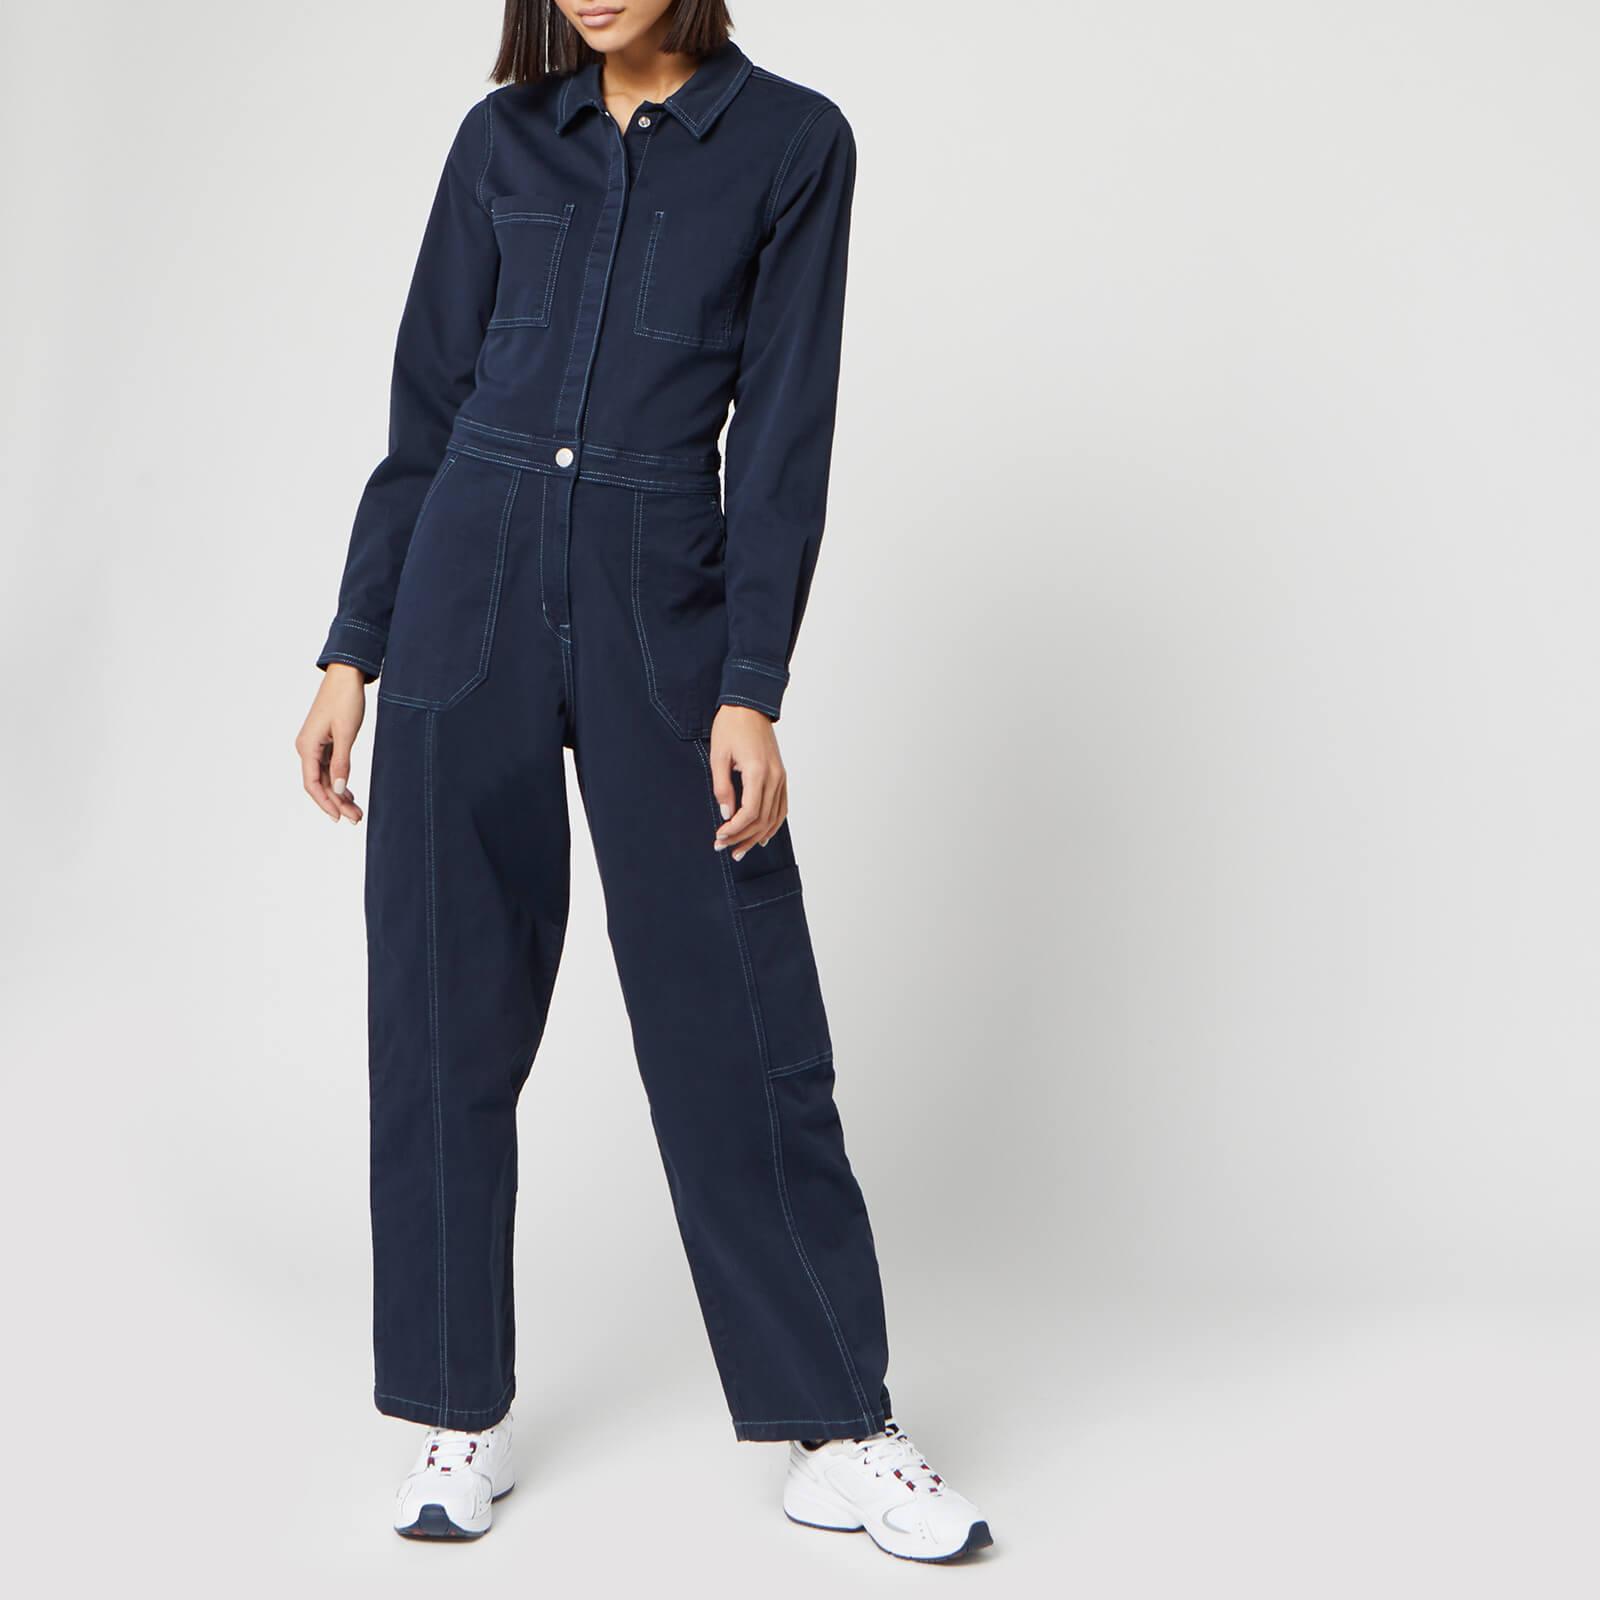 Tommy Jeans Women's Regular Jumpsuit - Black Iris - M